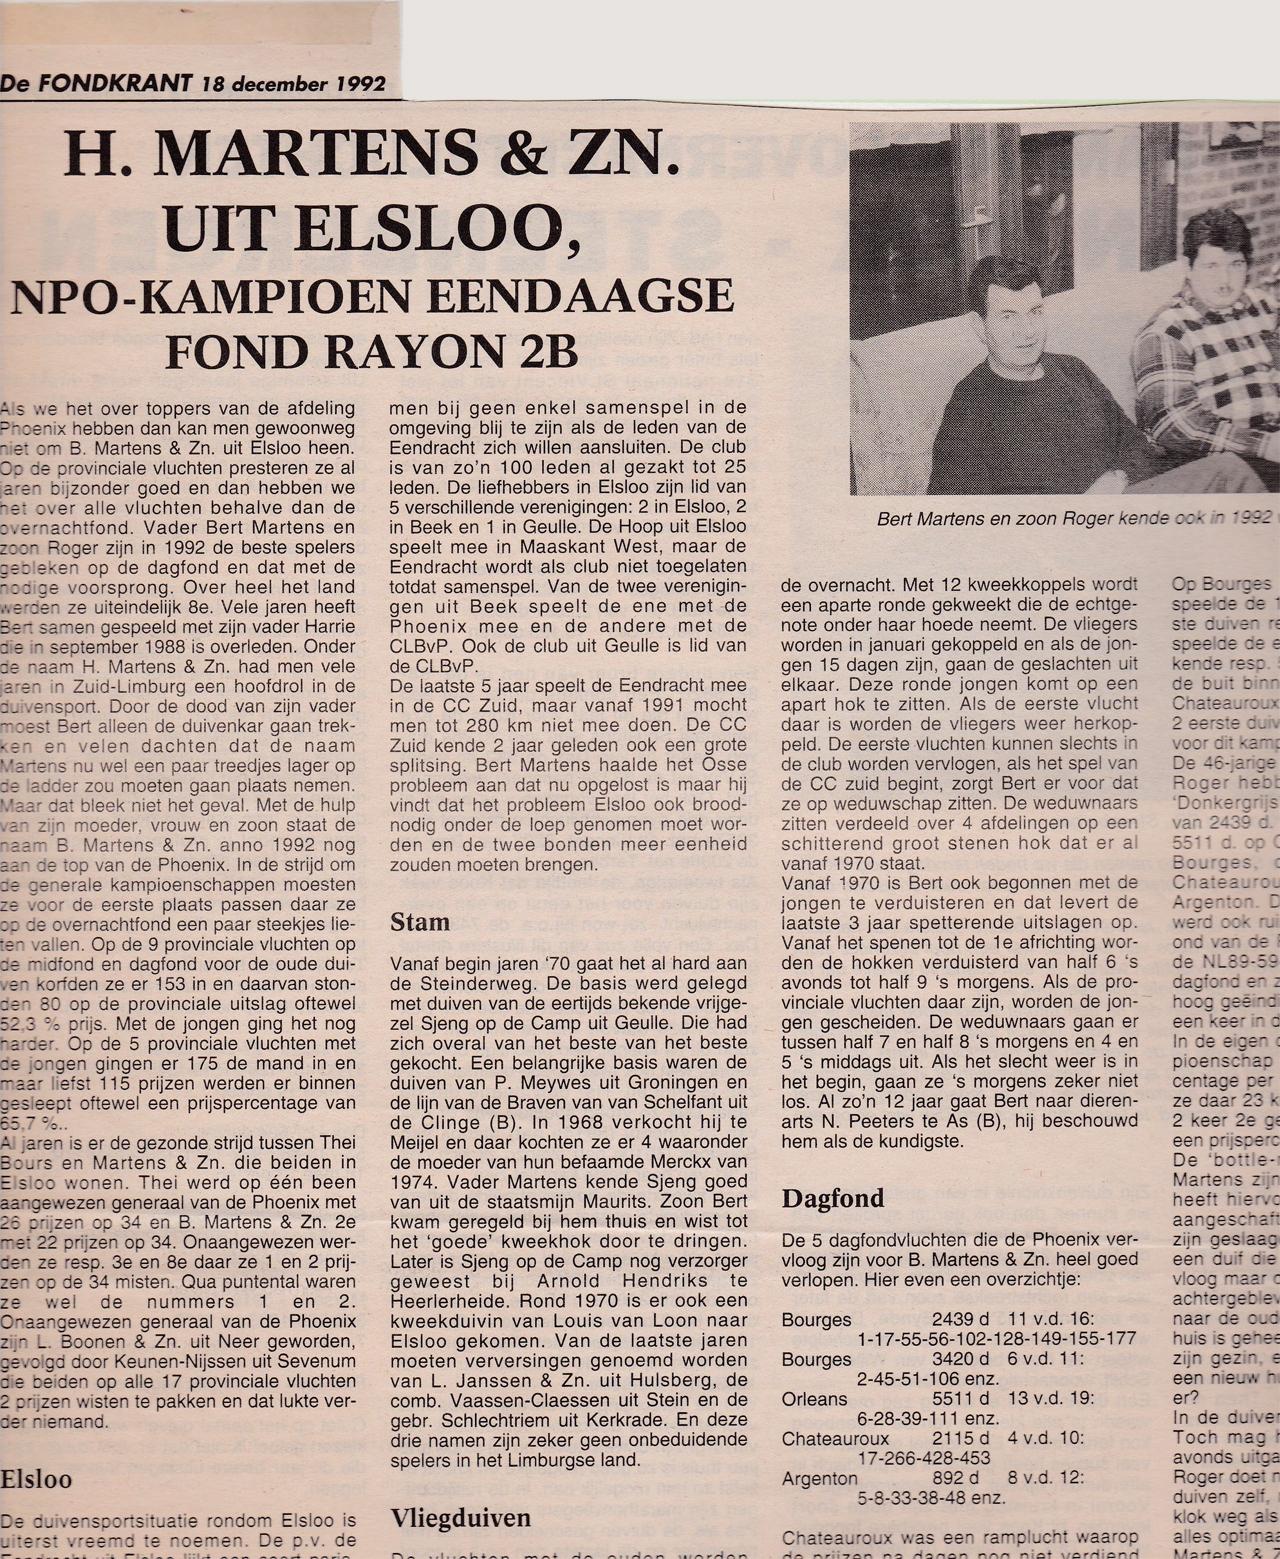 1992 - de Fondkrant